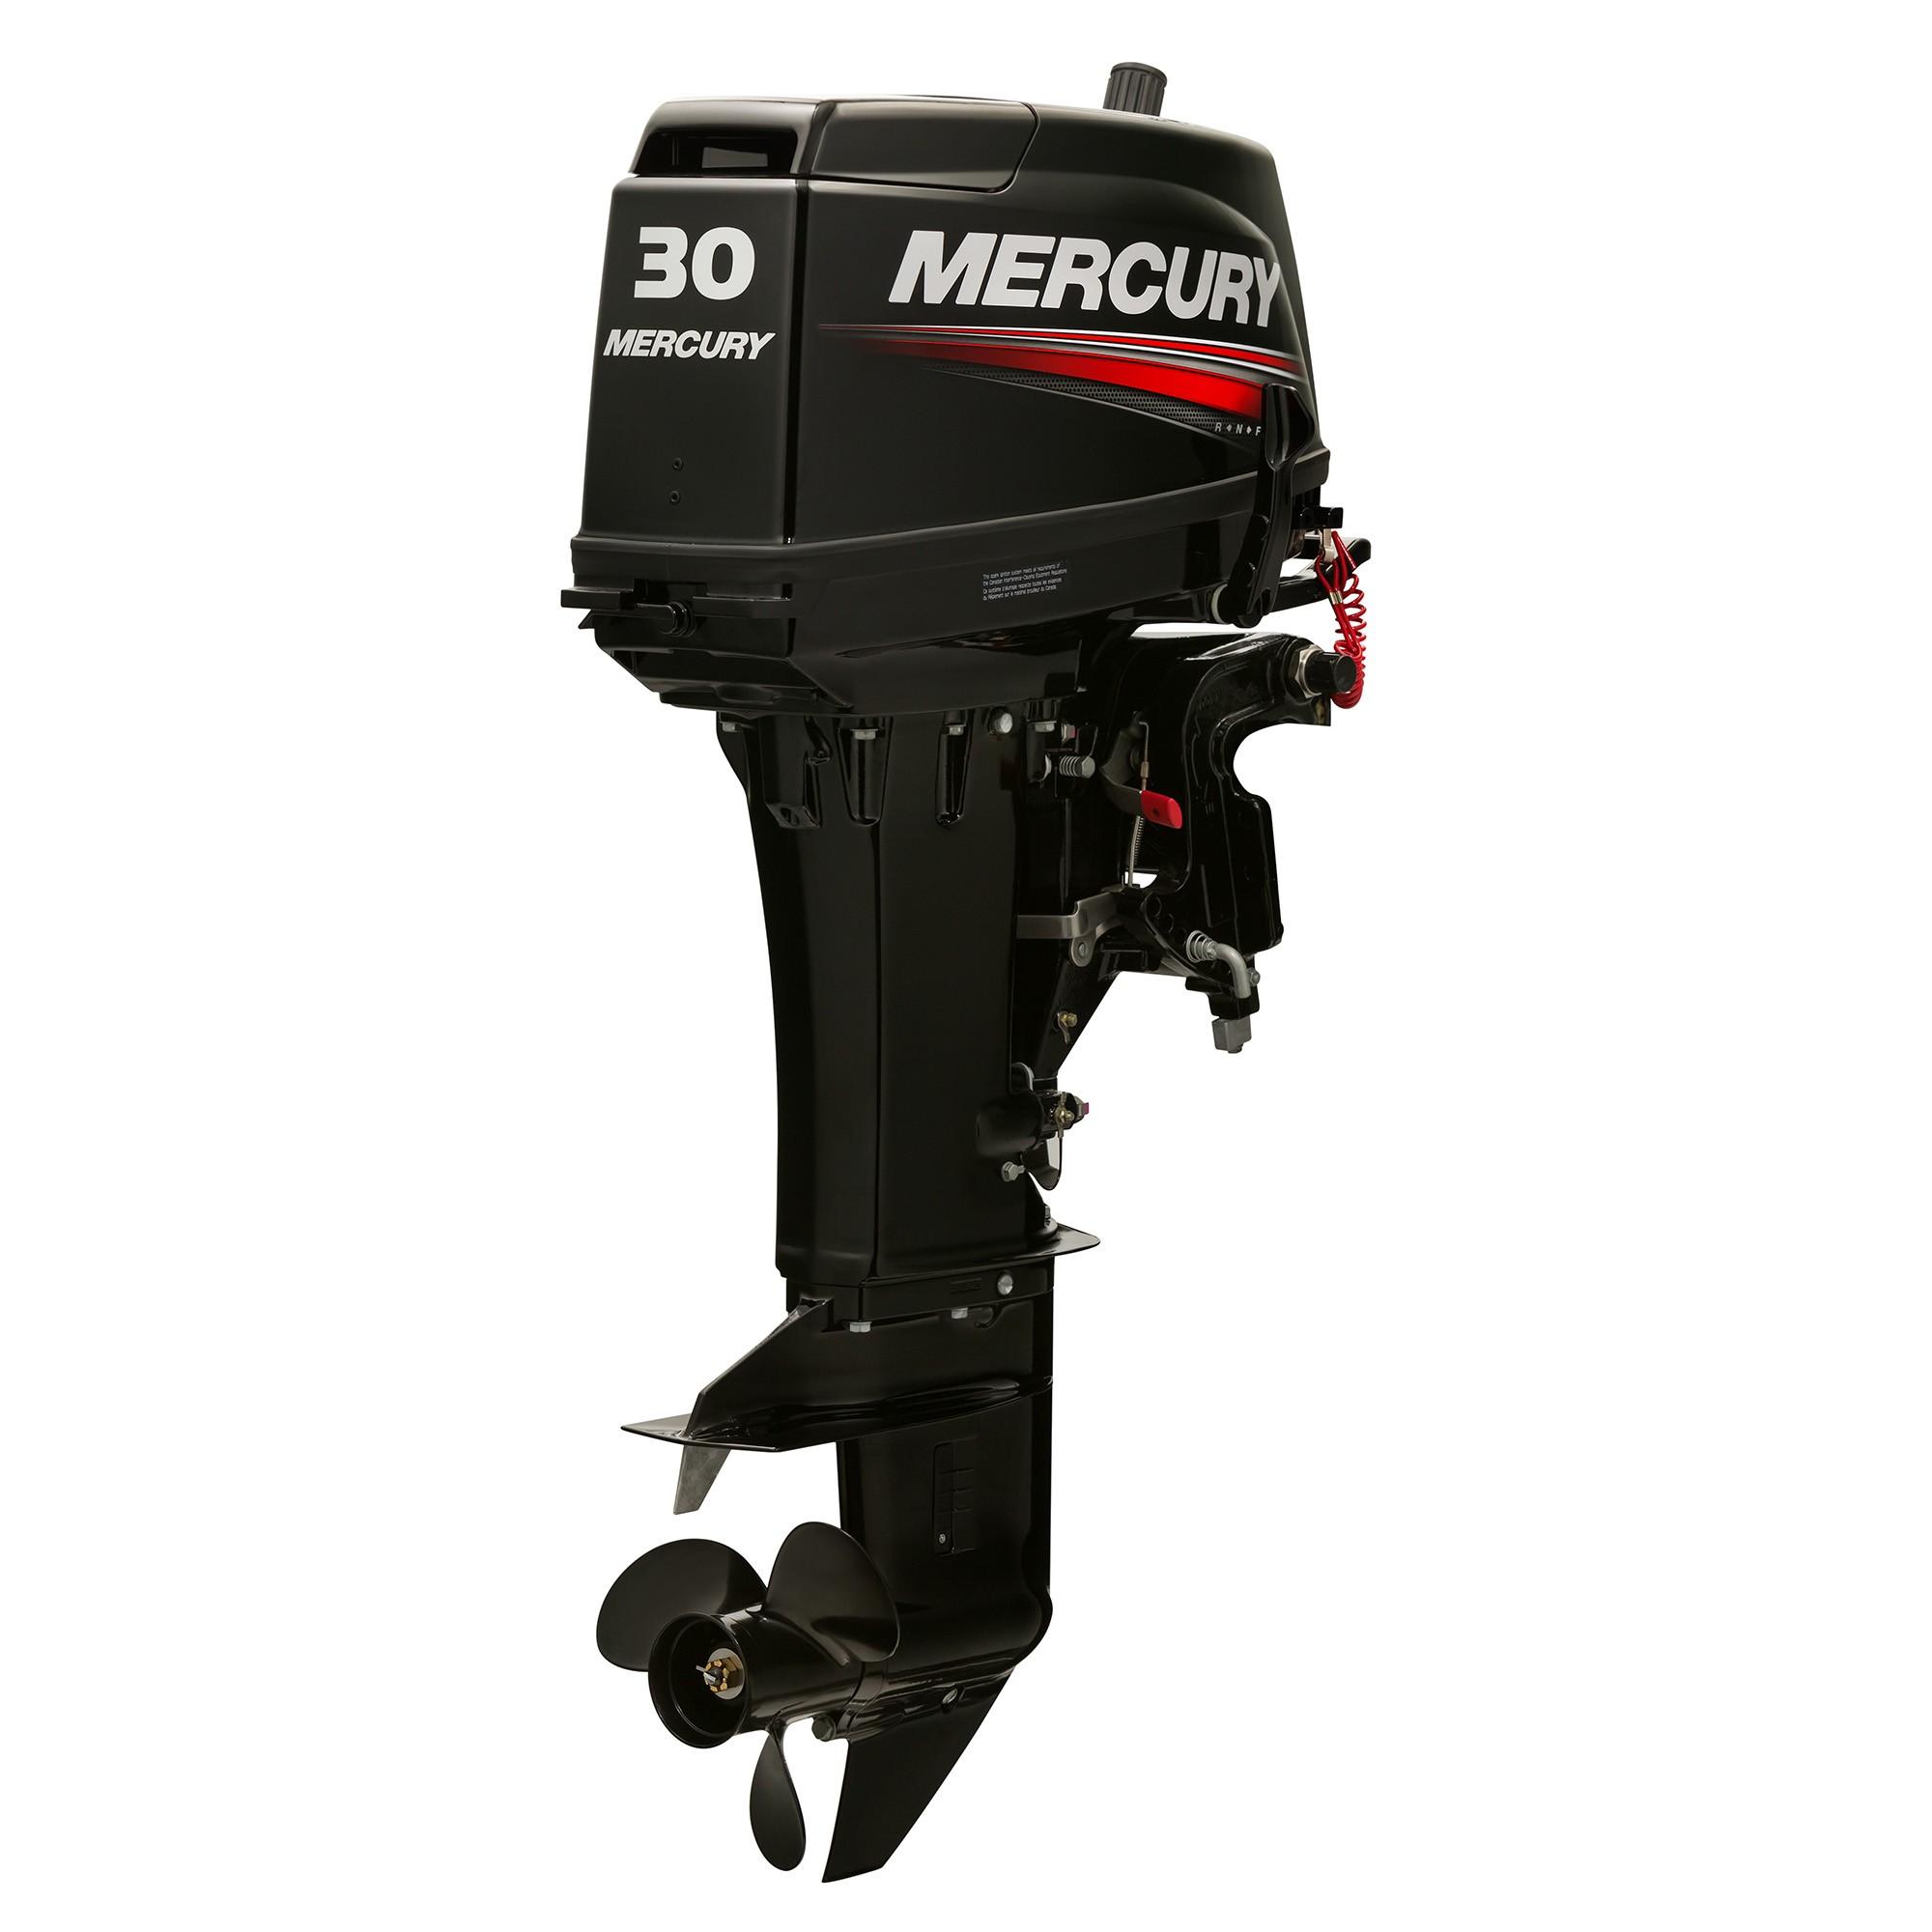 Mercury 30 E. Лодочный мотор Mercury 30 E